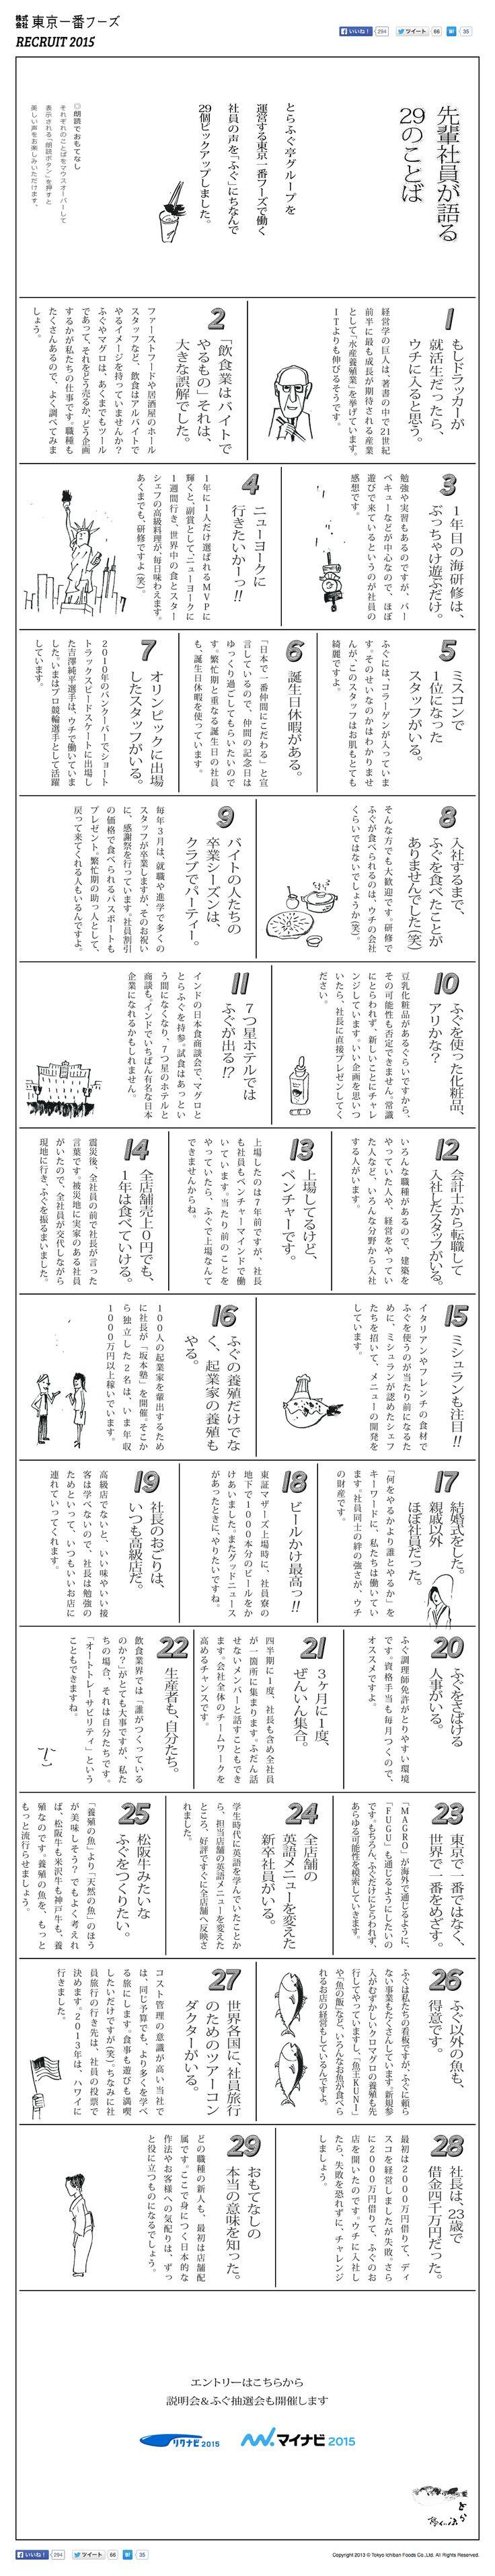 先輩社員が語る29のことば | 東京一番フーズ新卒採用2015コンテンツ